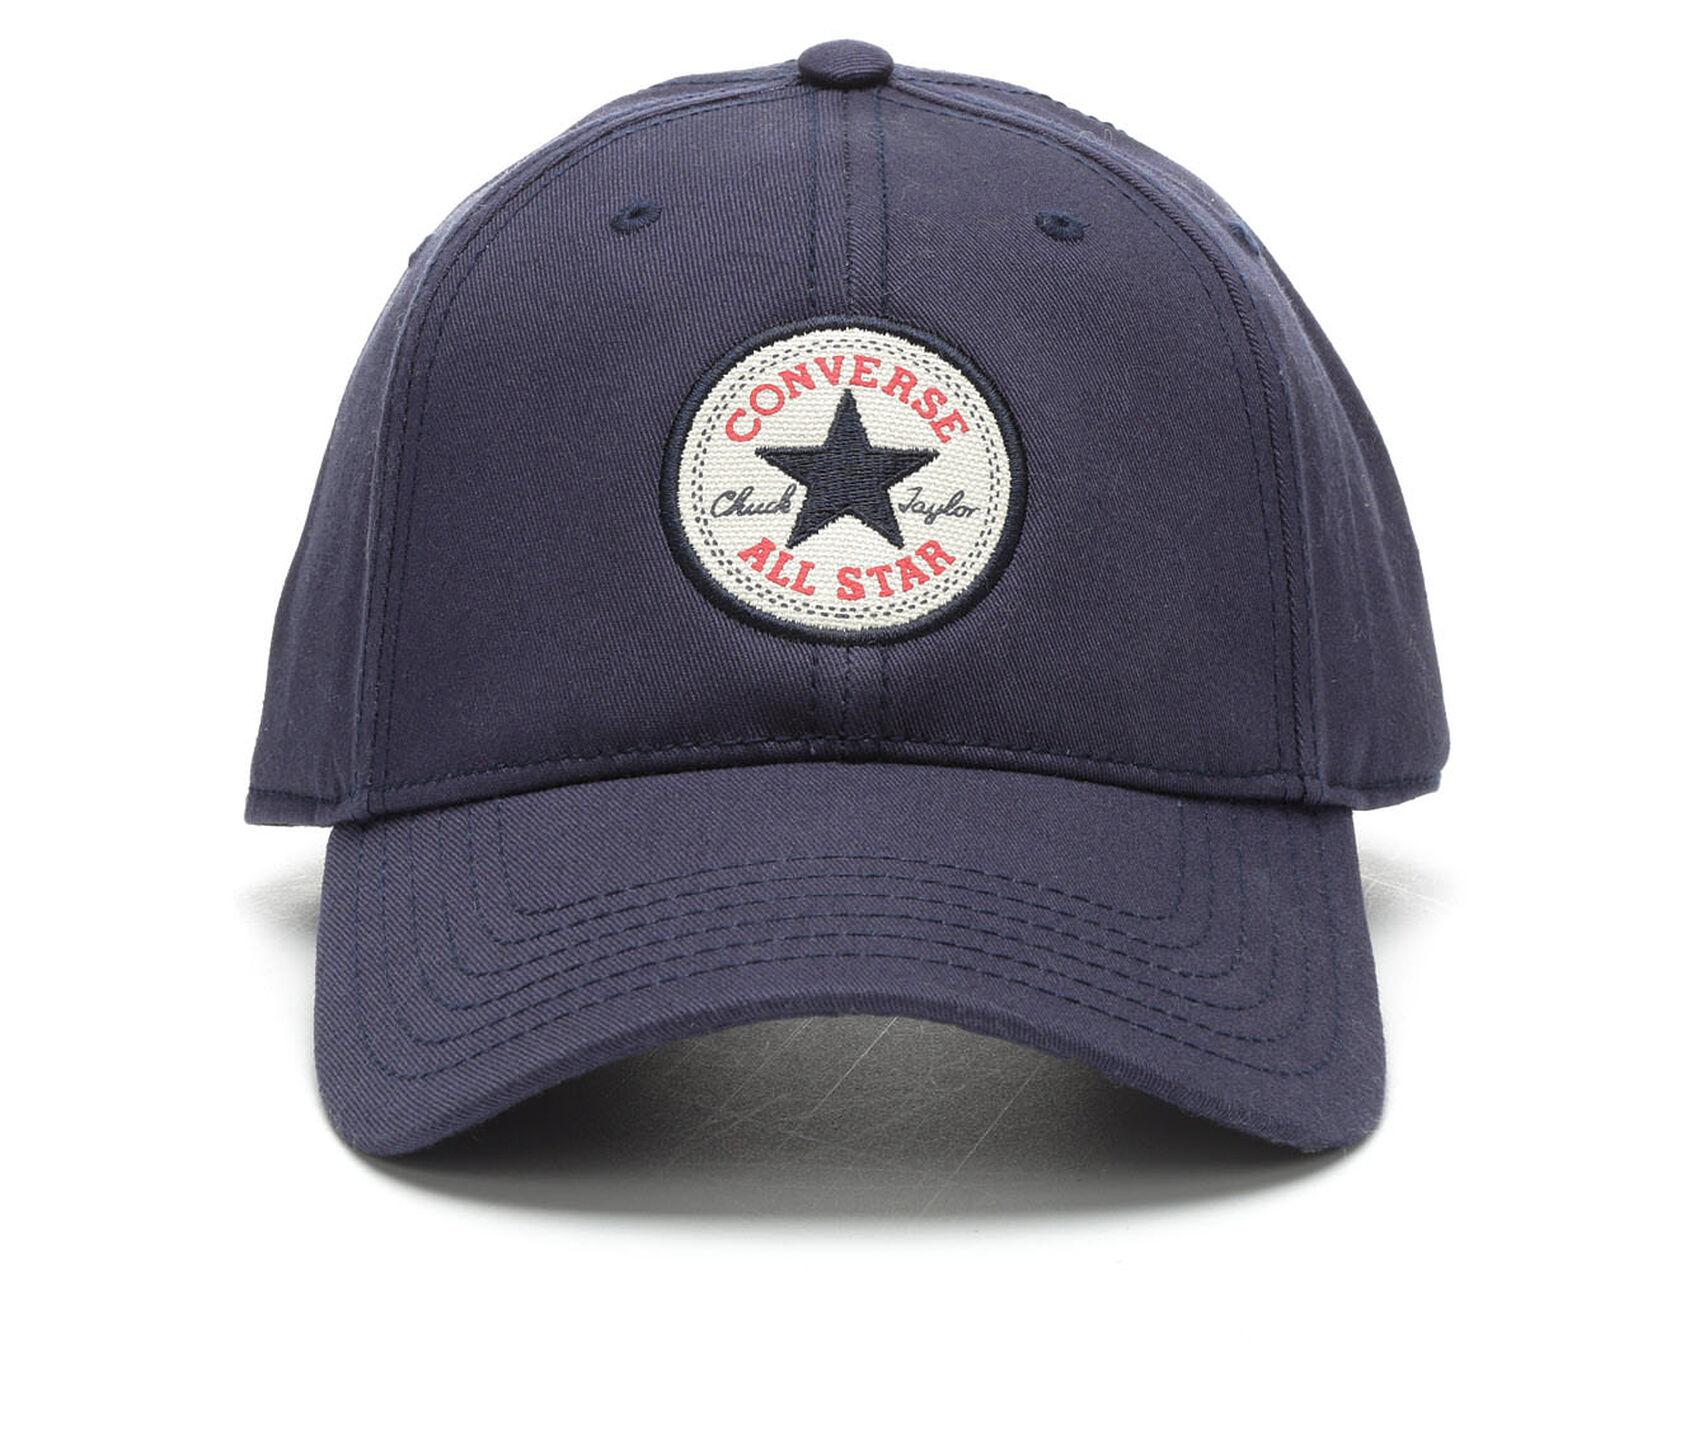 e04c89ec1d38 Converse Core Classic Twill Baseball Cap. Previous